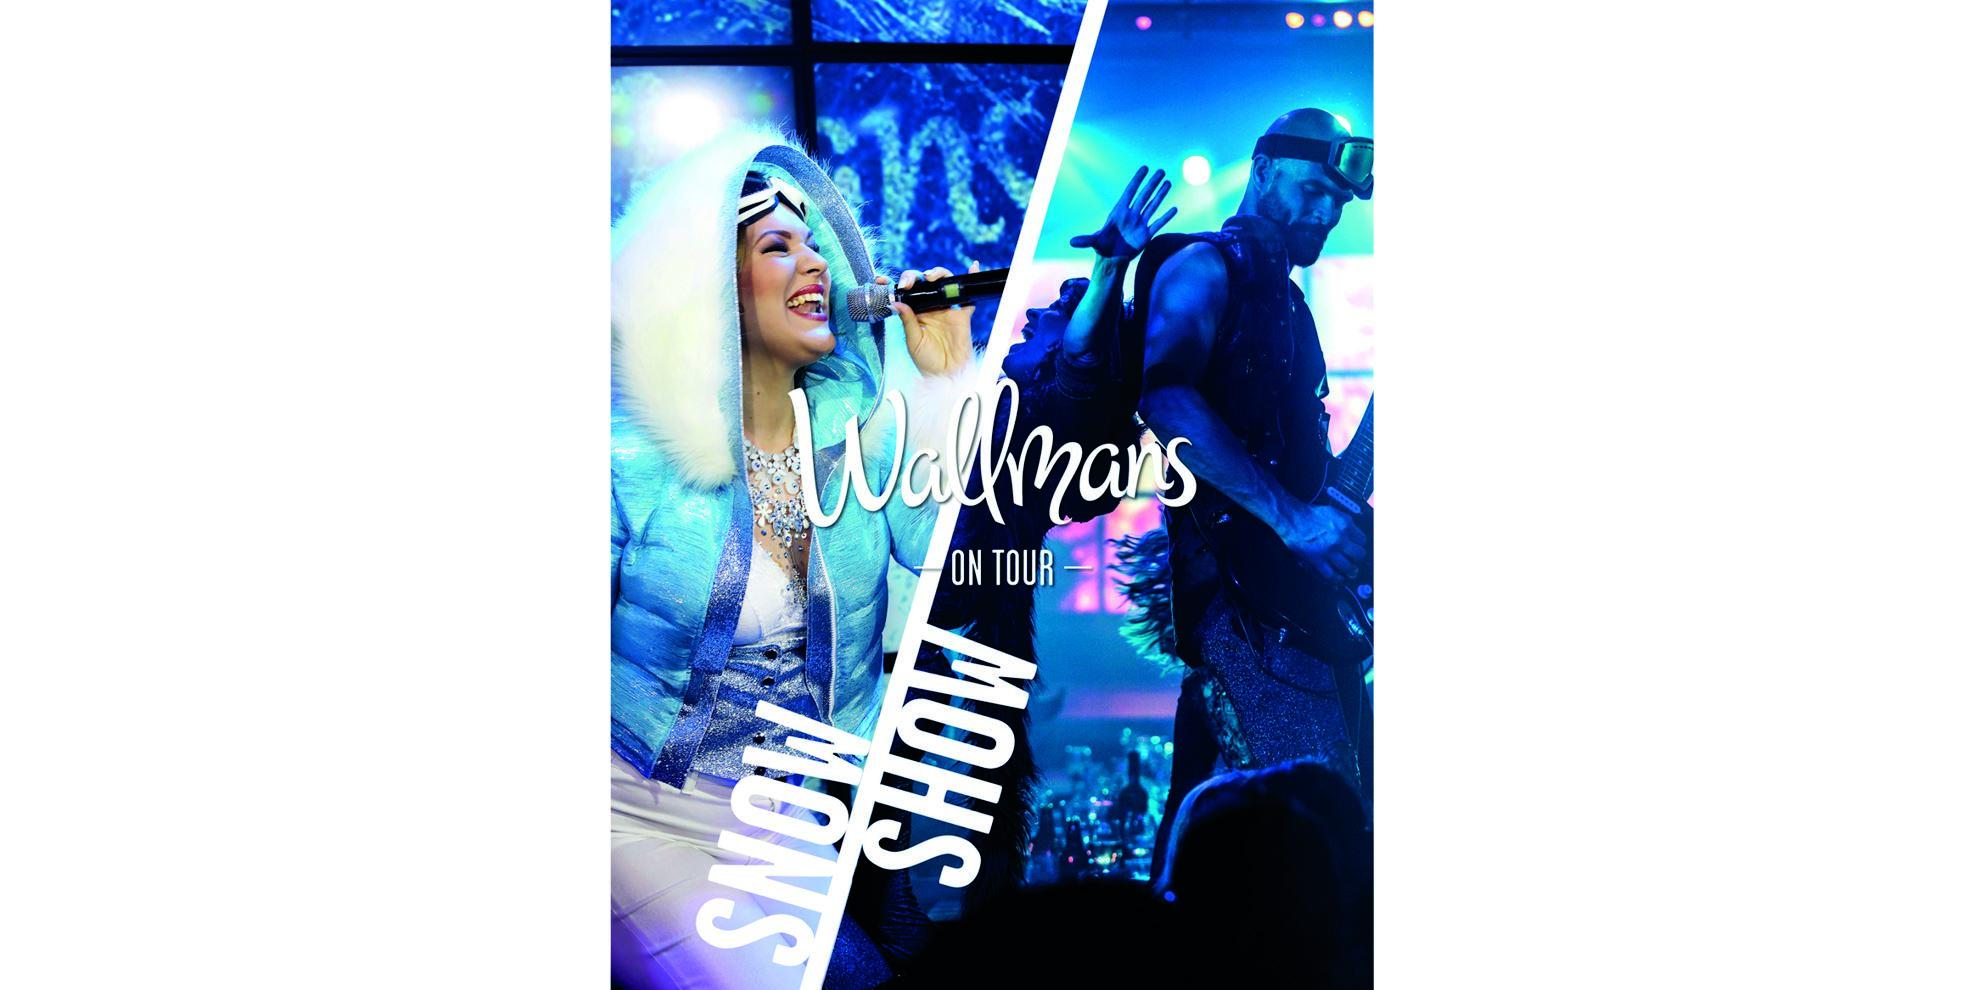 Wallmans on tour